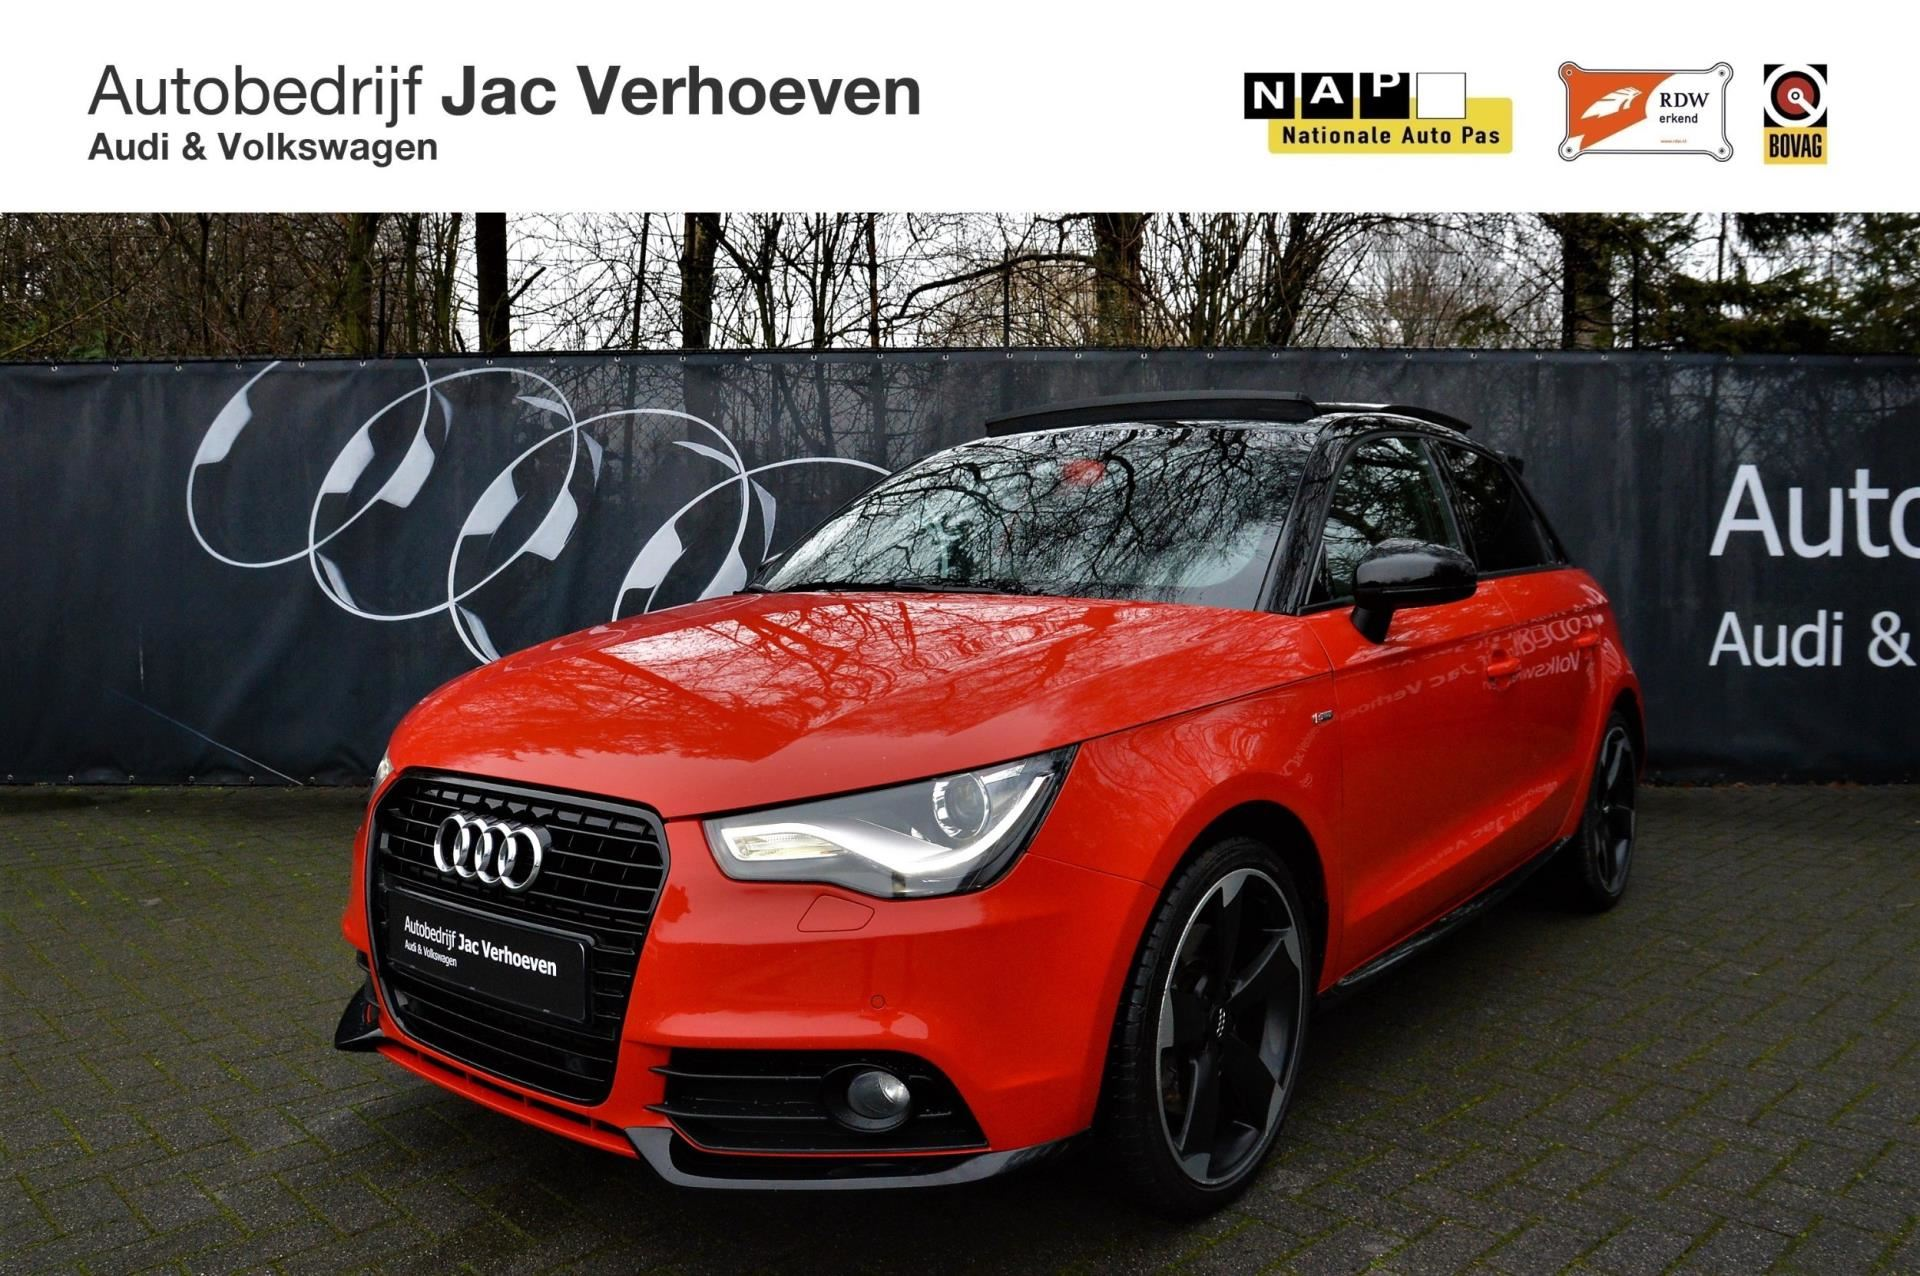 Audi A1 Sportback occasion - Autobedrijf Jac Verhoeven